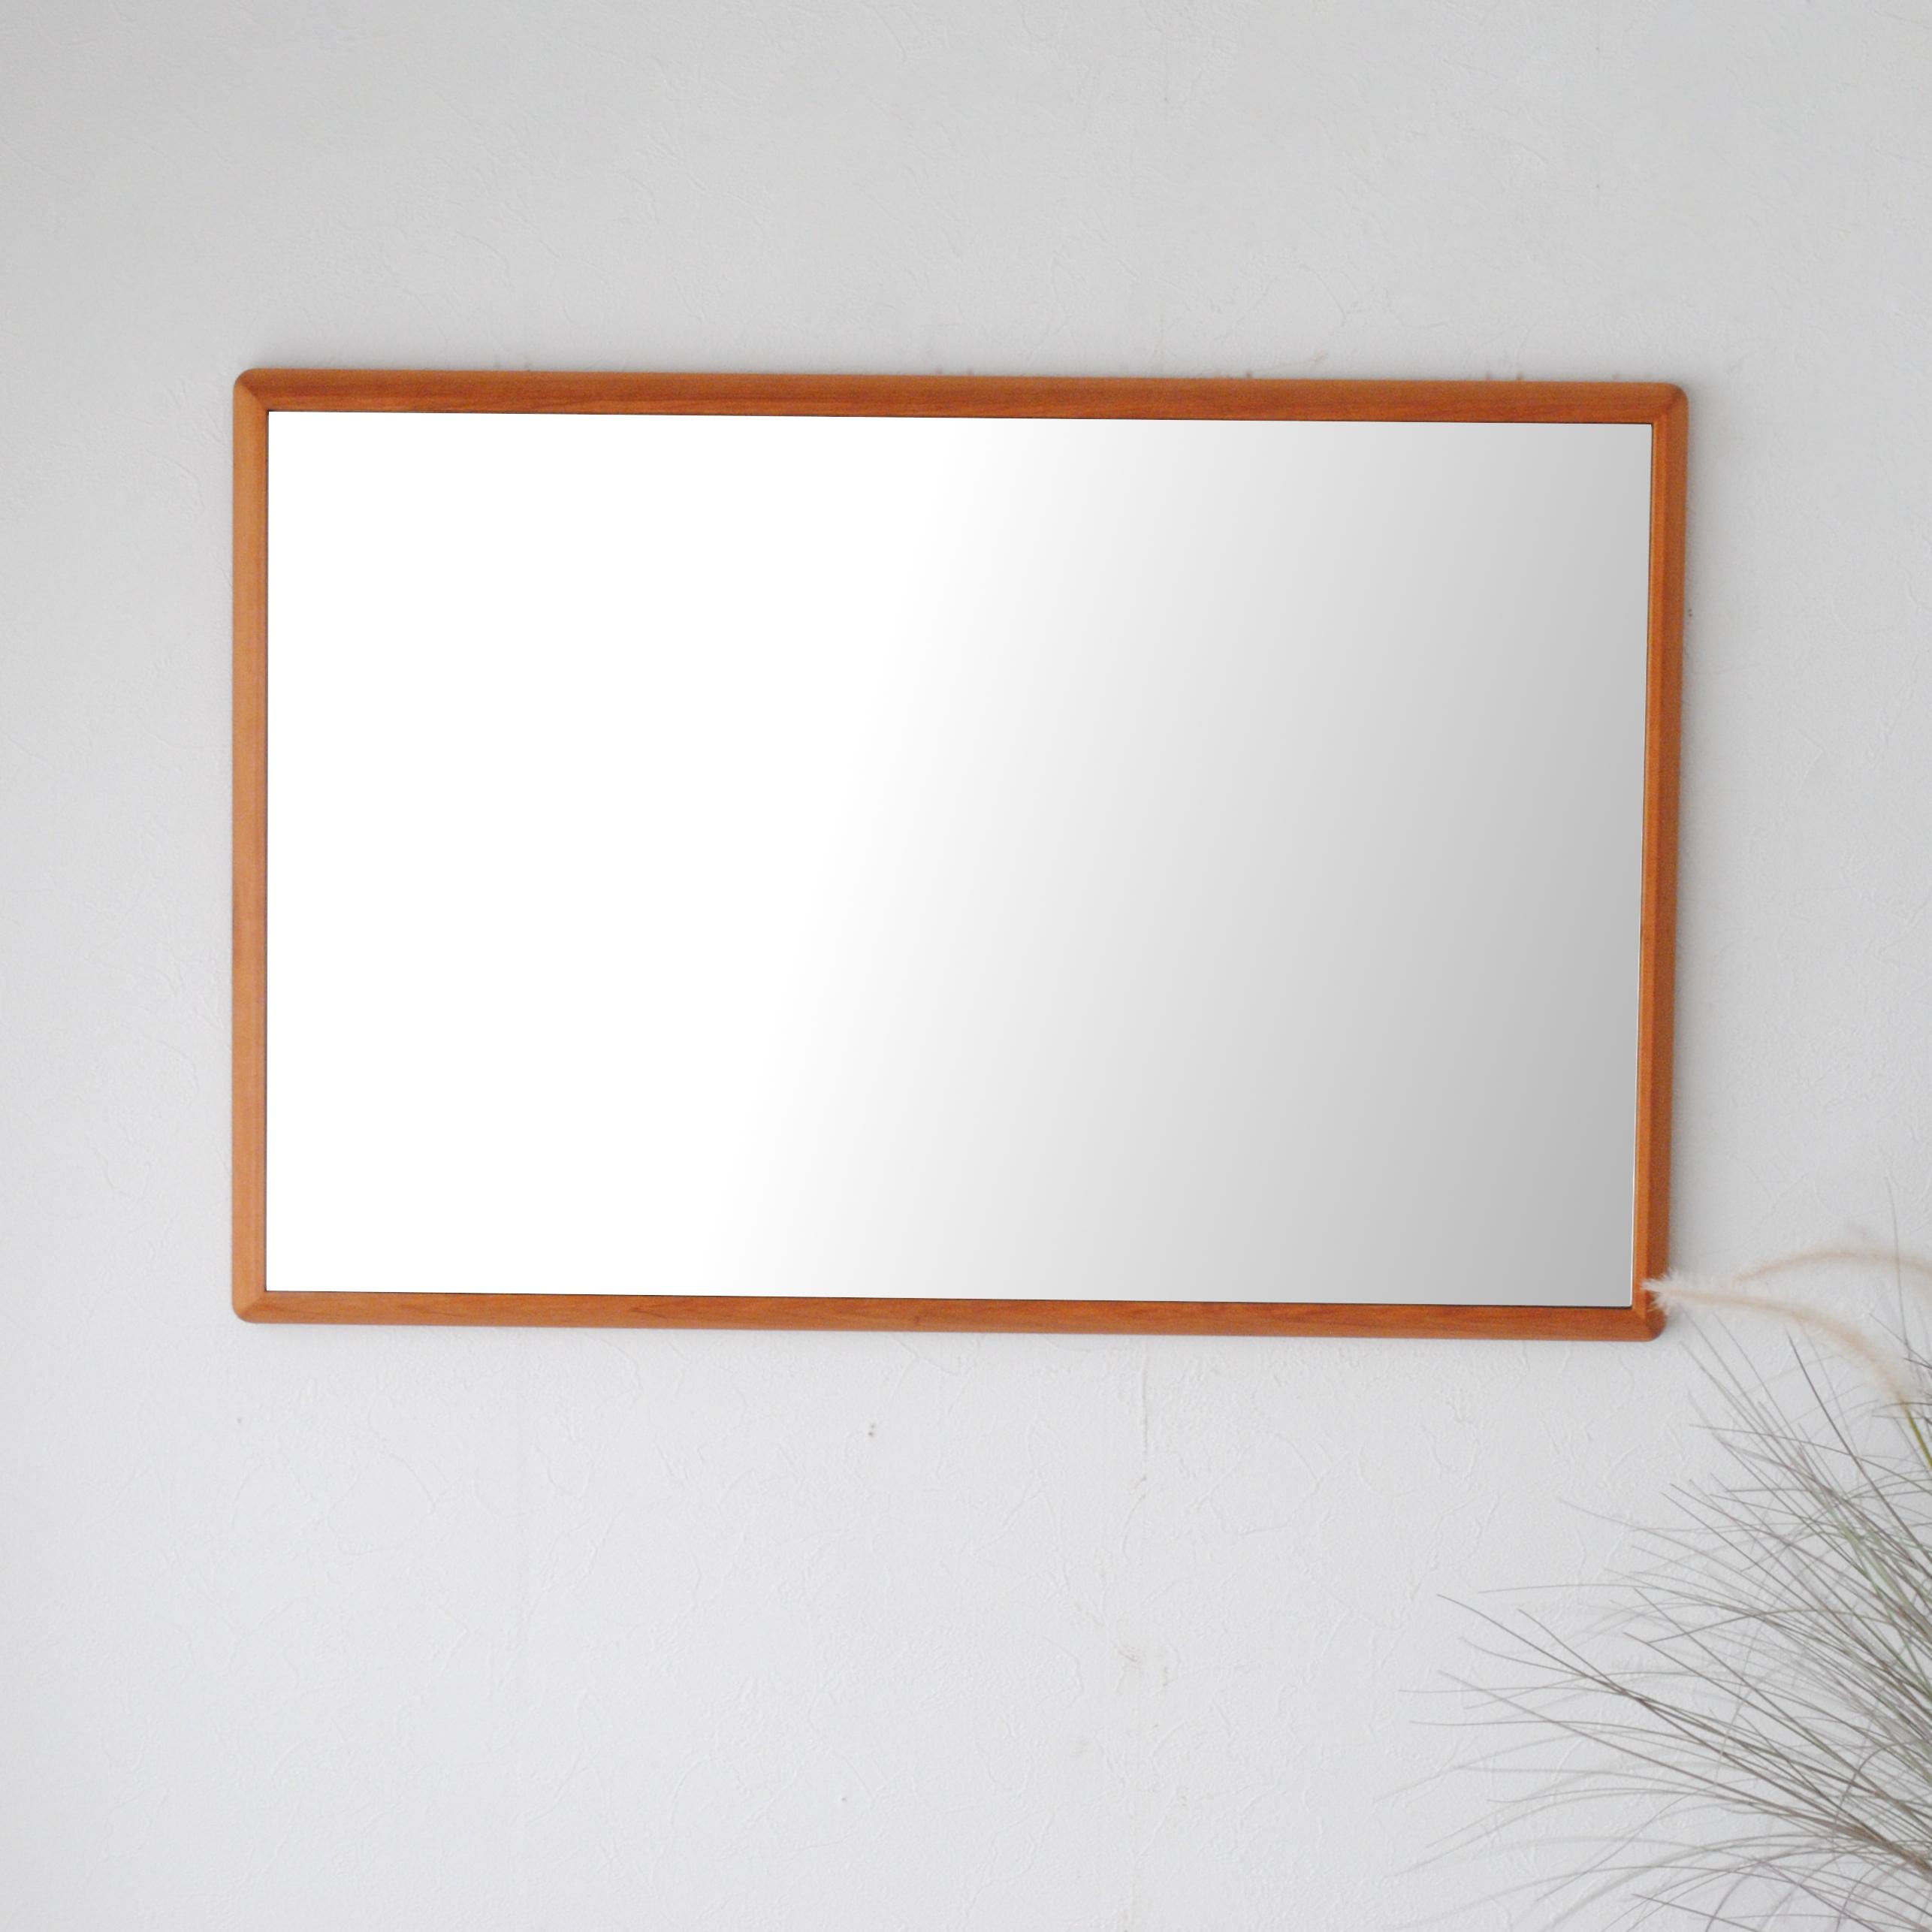 ステラ 49.2x74.2cm アメリカンチェリー材 姿見 壁掛けミラー 長方形 (通常便商品)